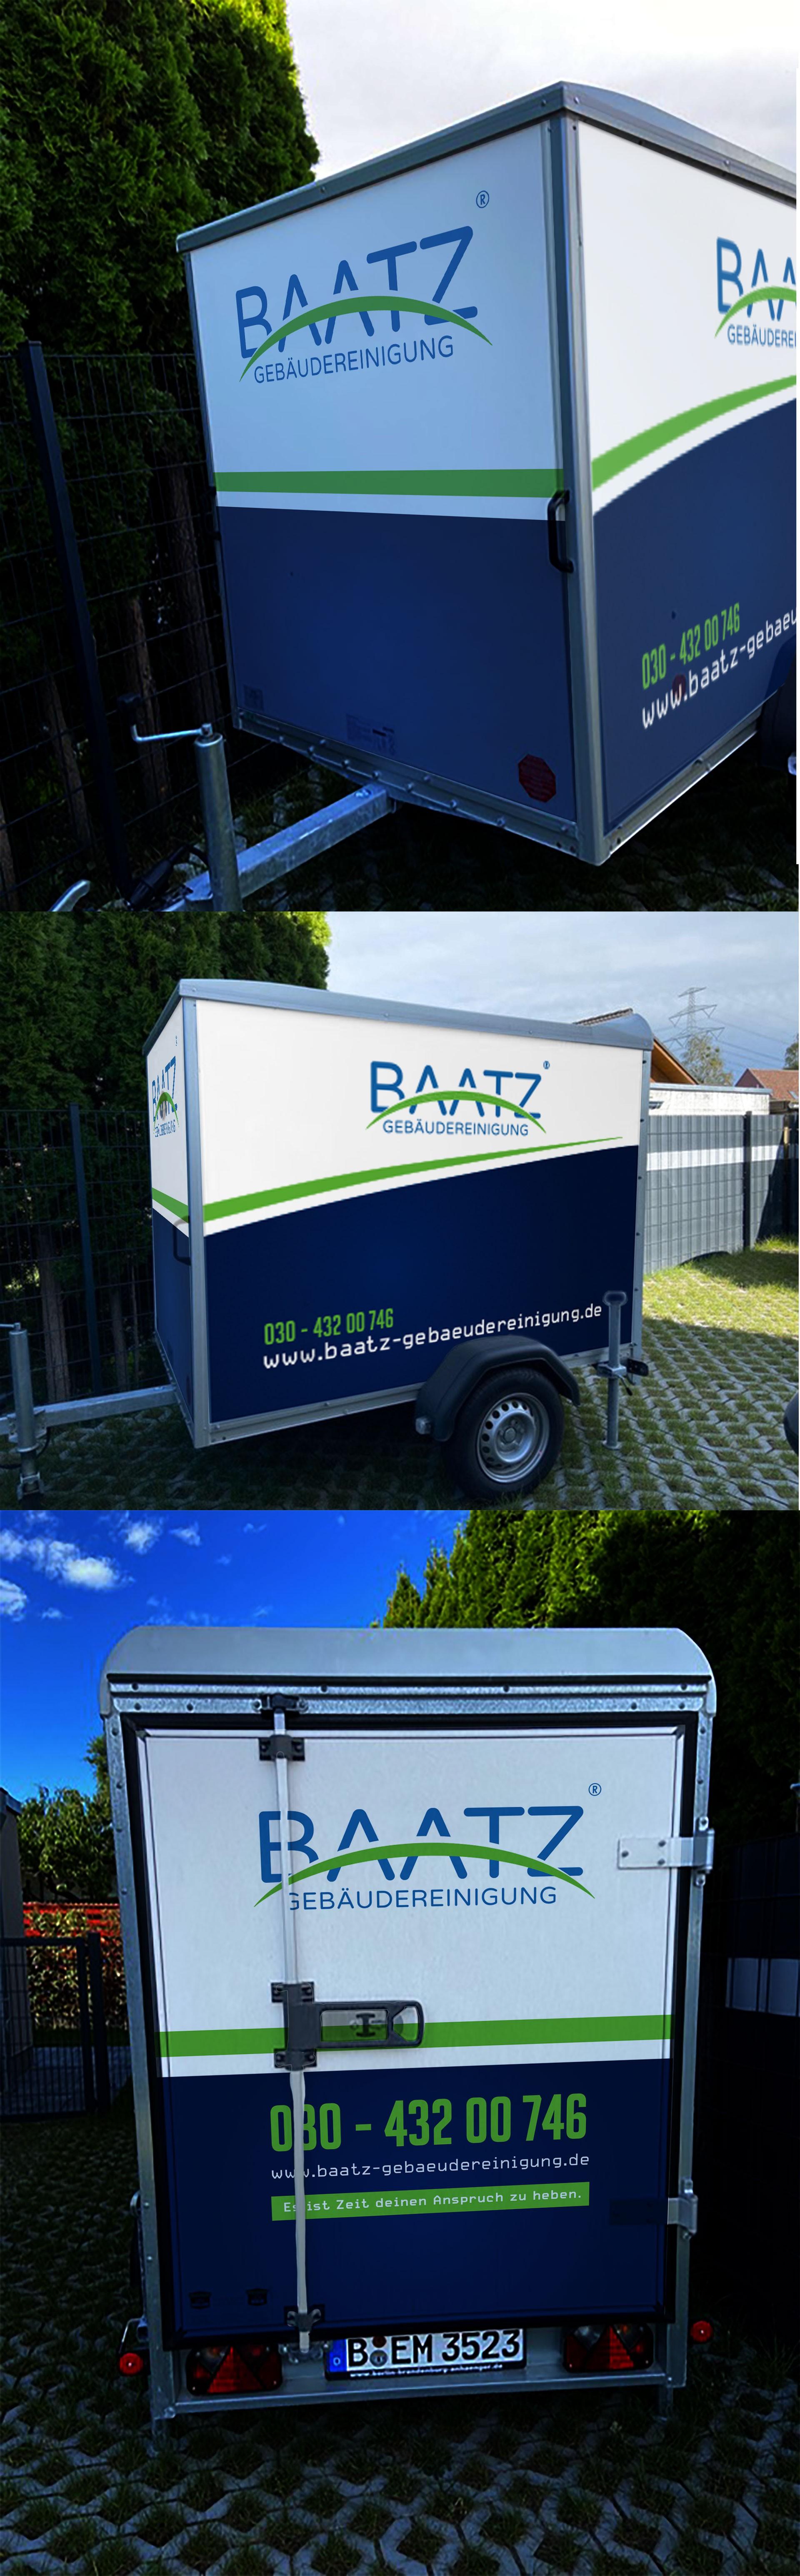 Moderne Auto-und Anhängerbeschriftung http://baatzberlin.v121787.goserver.host/anfrage-gebaeudereinigung-berlin/